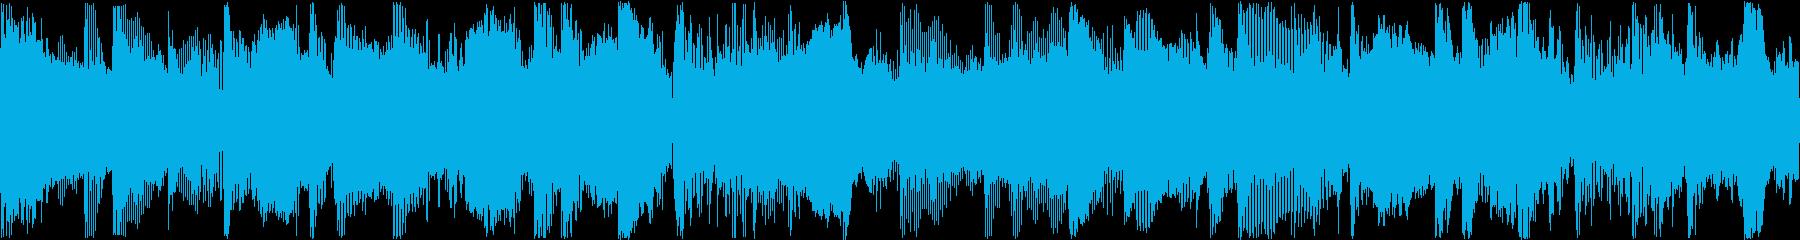 バラード、Rainy Dayの別Ver4の再生済みの波形